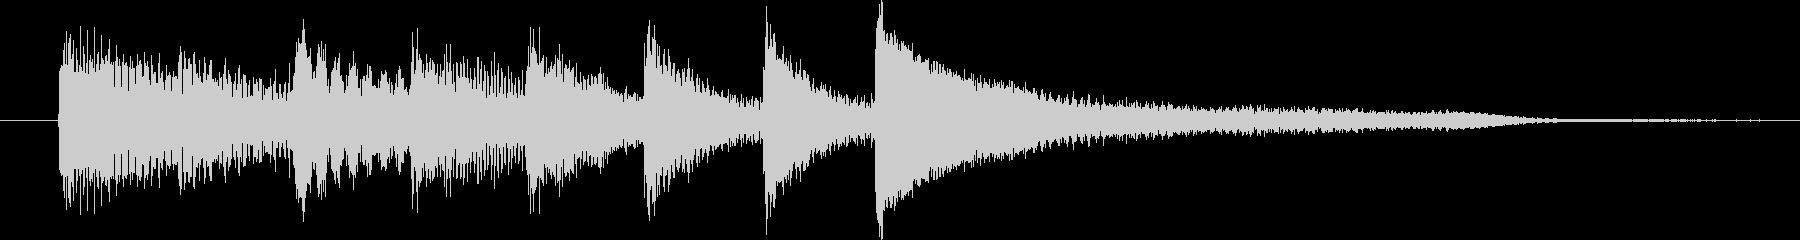 ピアノ転回音2の未再生の波形